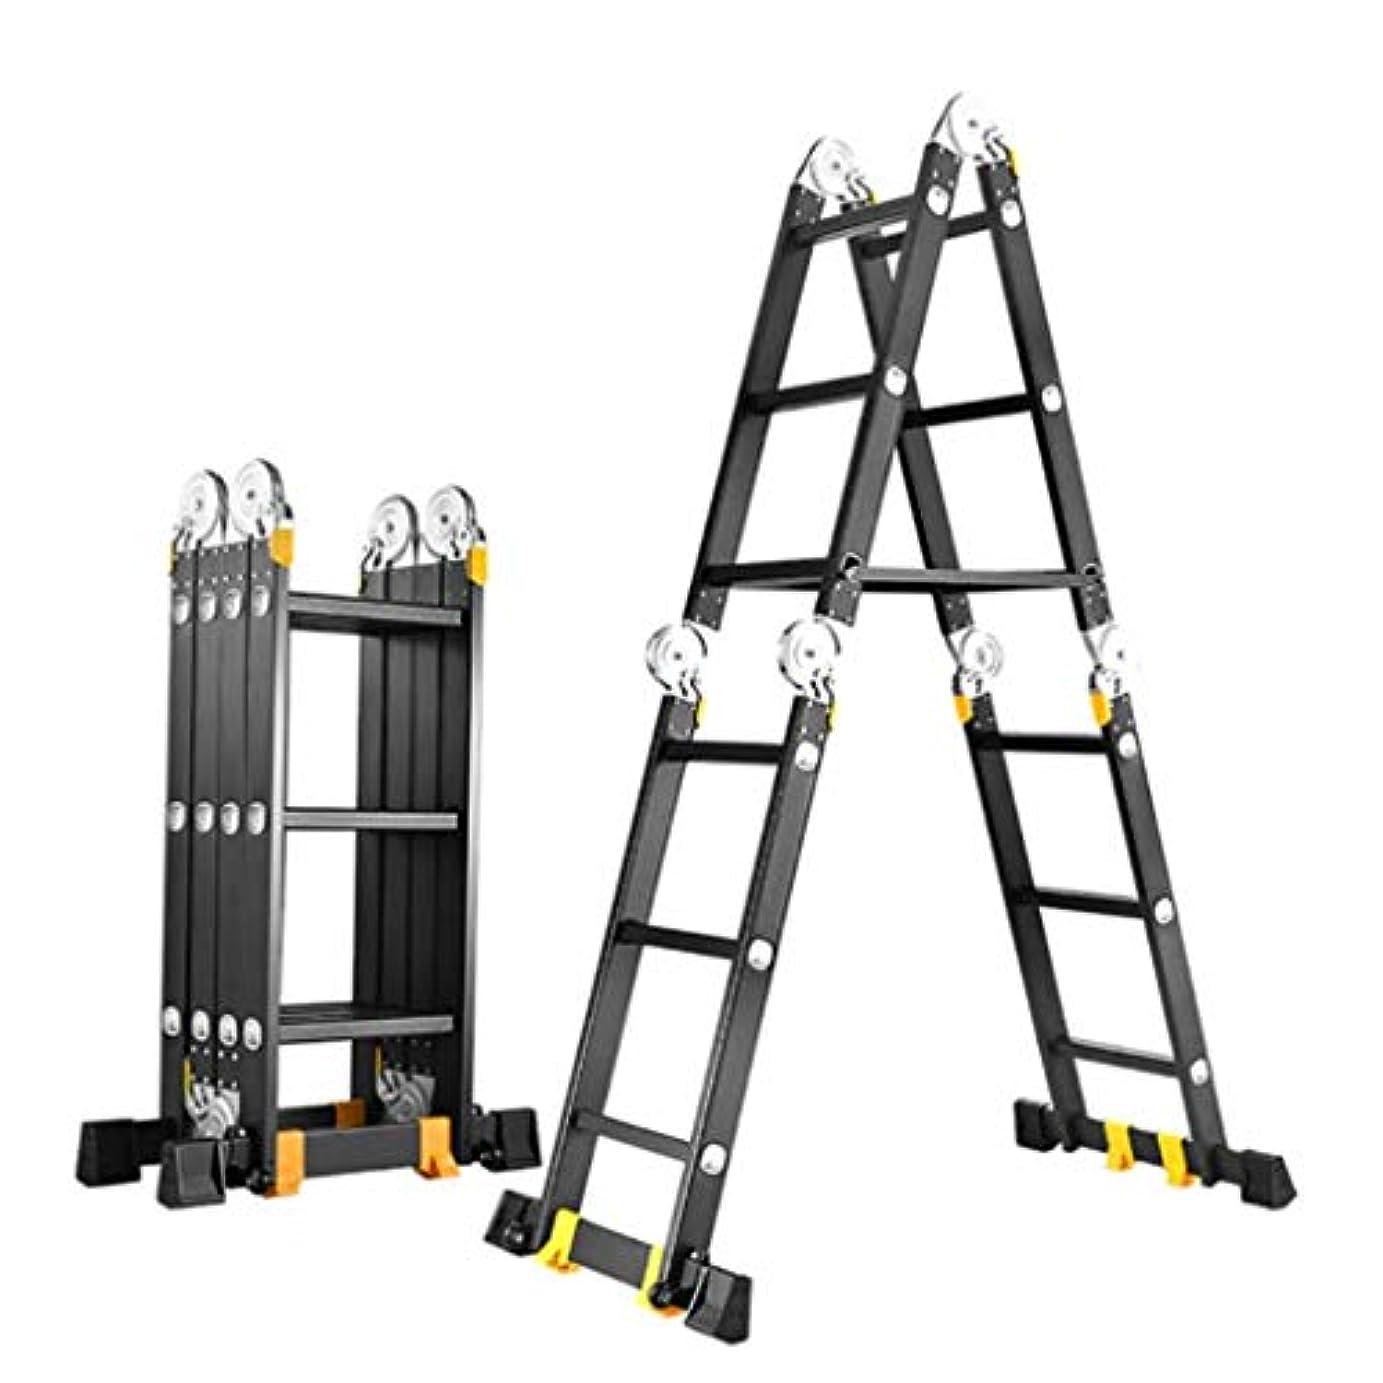 黙仮定過言XEWNEG 折りたたみ梯子、多機能アルミ梯子、プーリーとバランスバー付きのポータブルエンジニアリング梯子、 (Size : Straight 4.7M= Herringbone 2.3M)